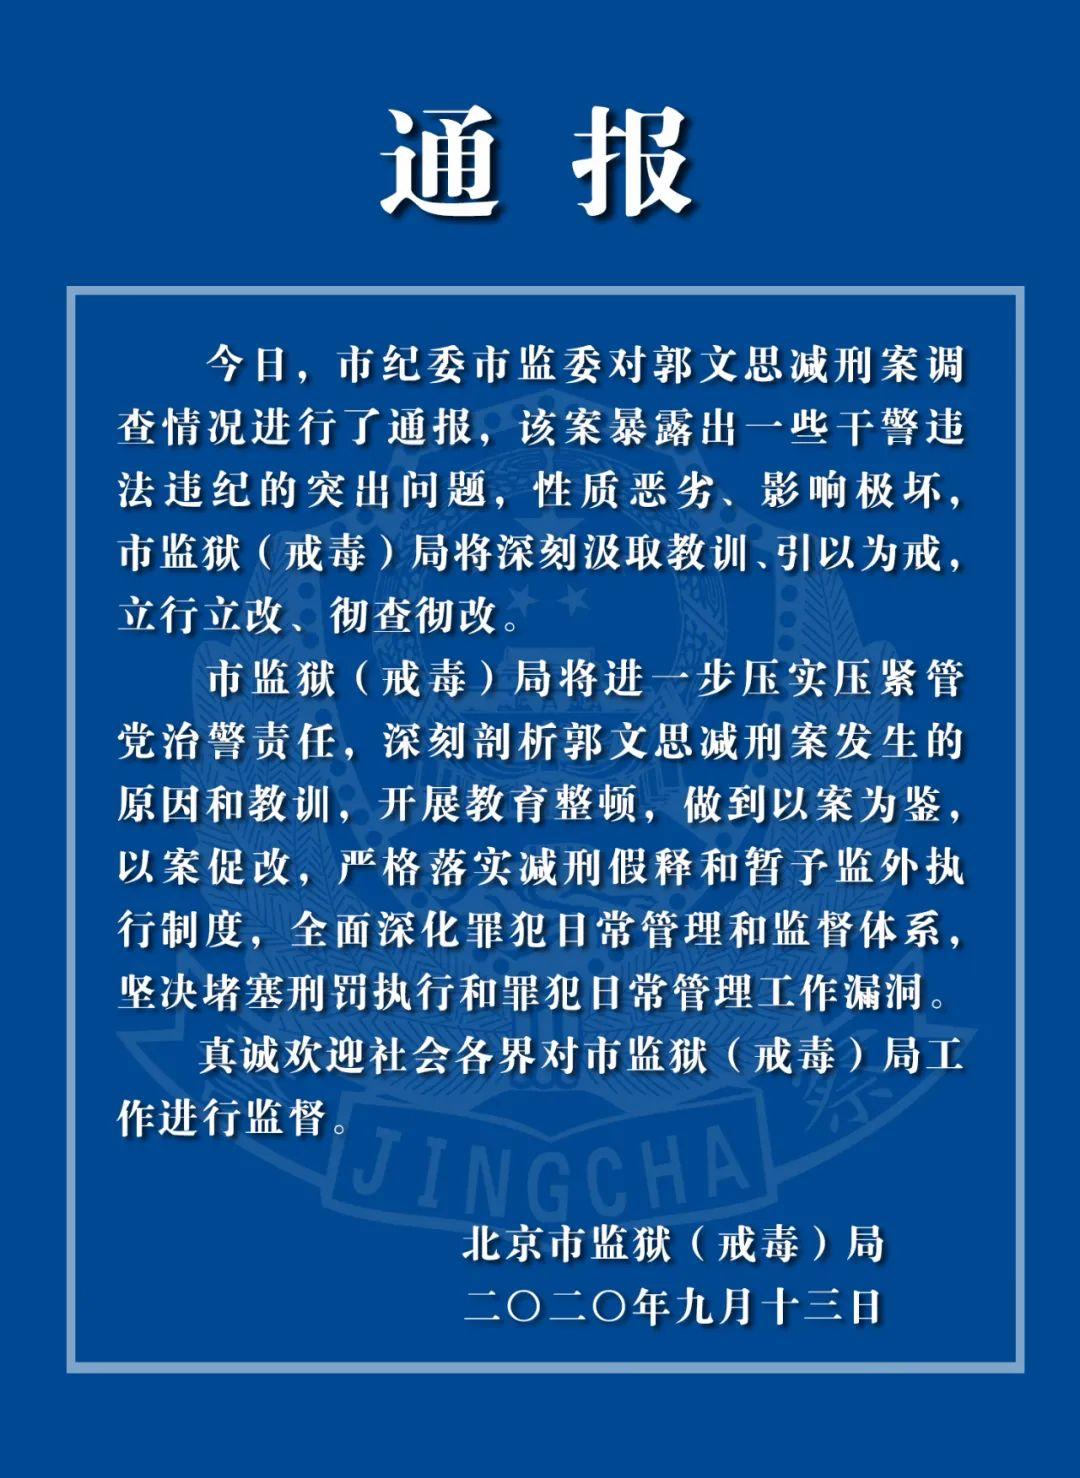 """【柴松岳】_""""郭文思减刑案""""调查结果公布,北京司法系统:深刻反思、立行立改"""